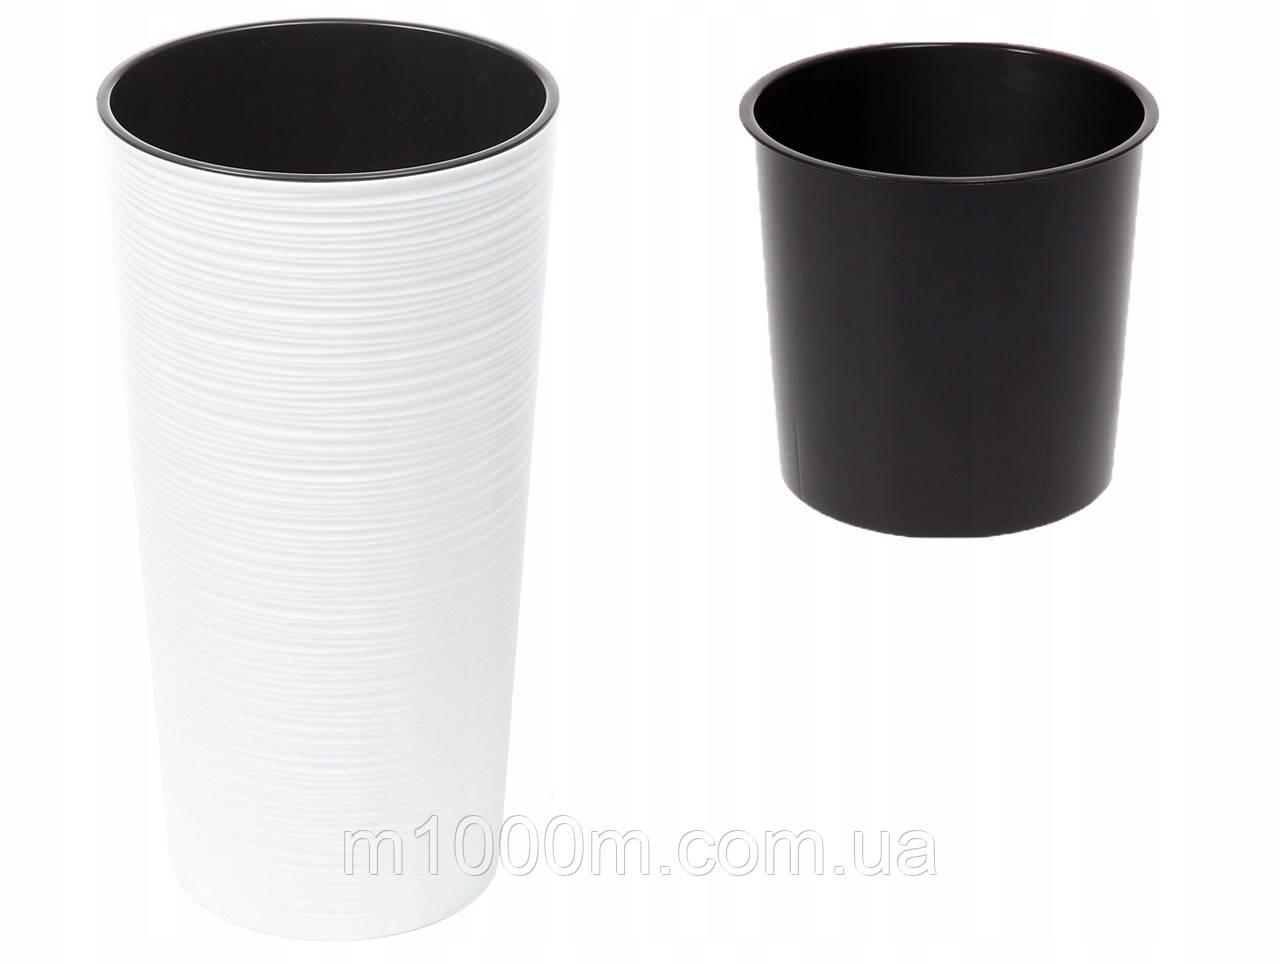 Горшок пластмассовый Лилия с вкладом долото белый 19,5см